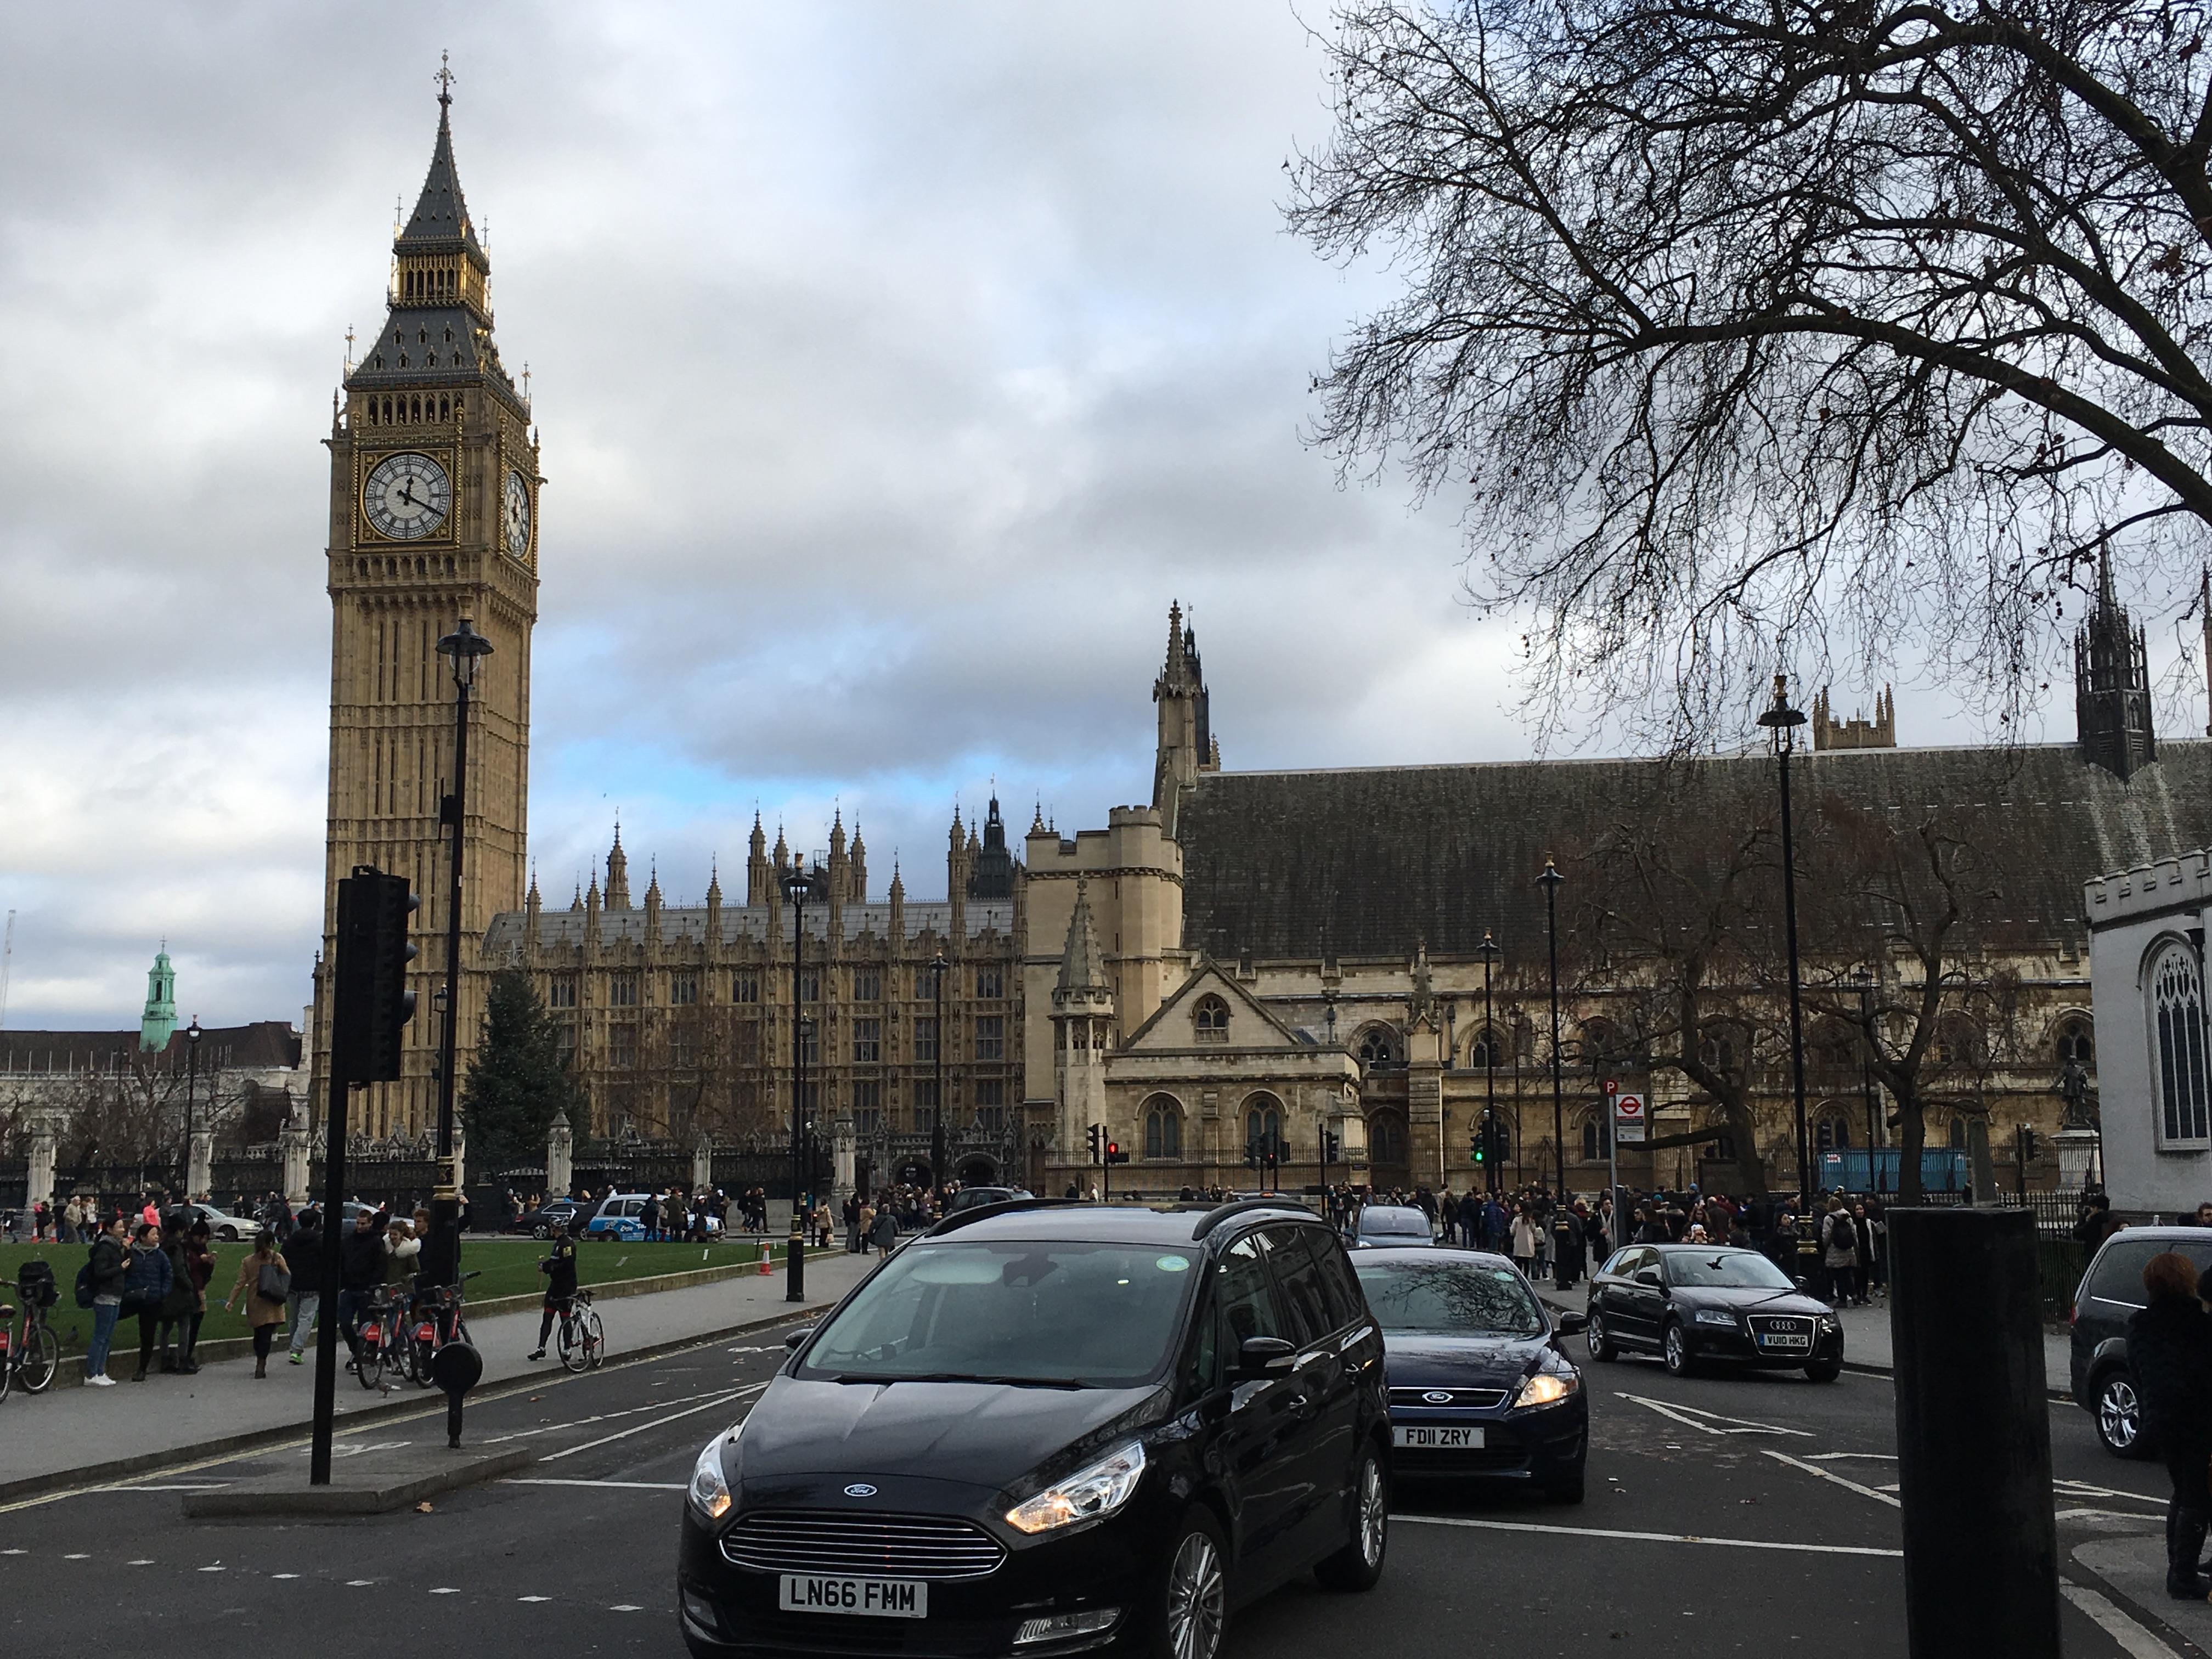 ロンドンの象徴、ビックベン。最もロンドンらしい景色ですね。